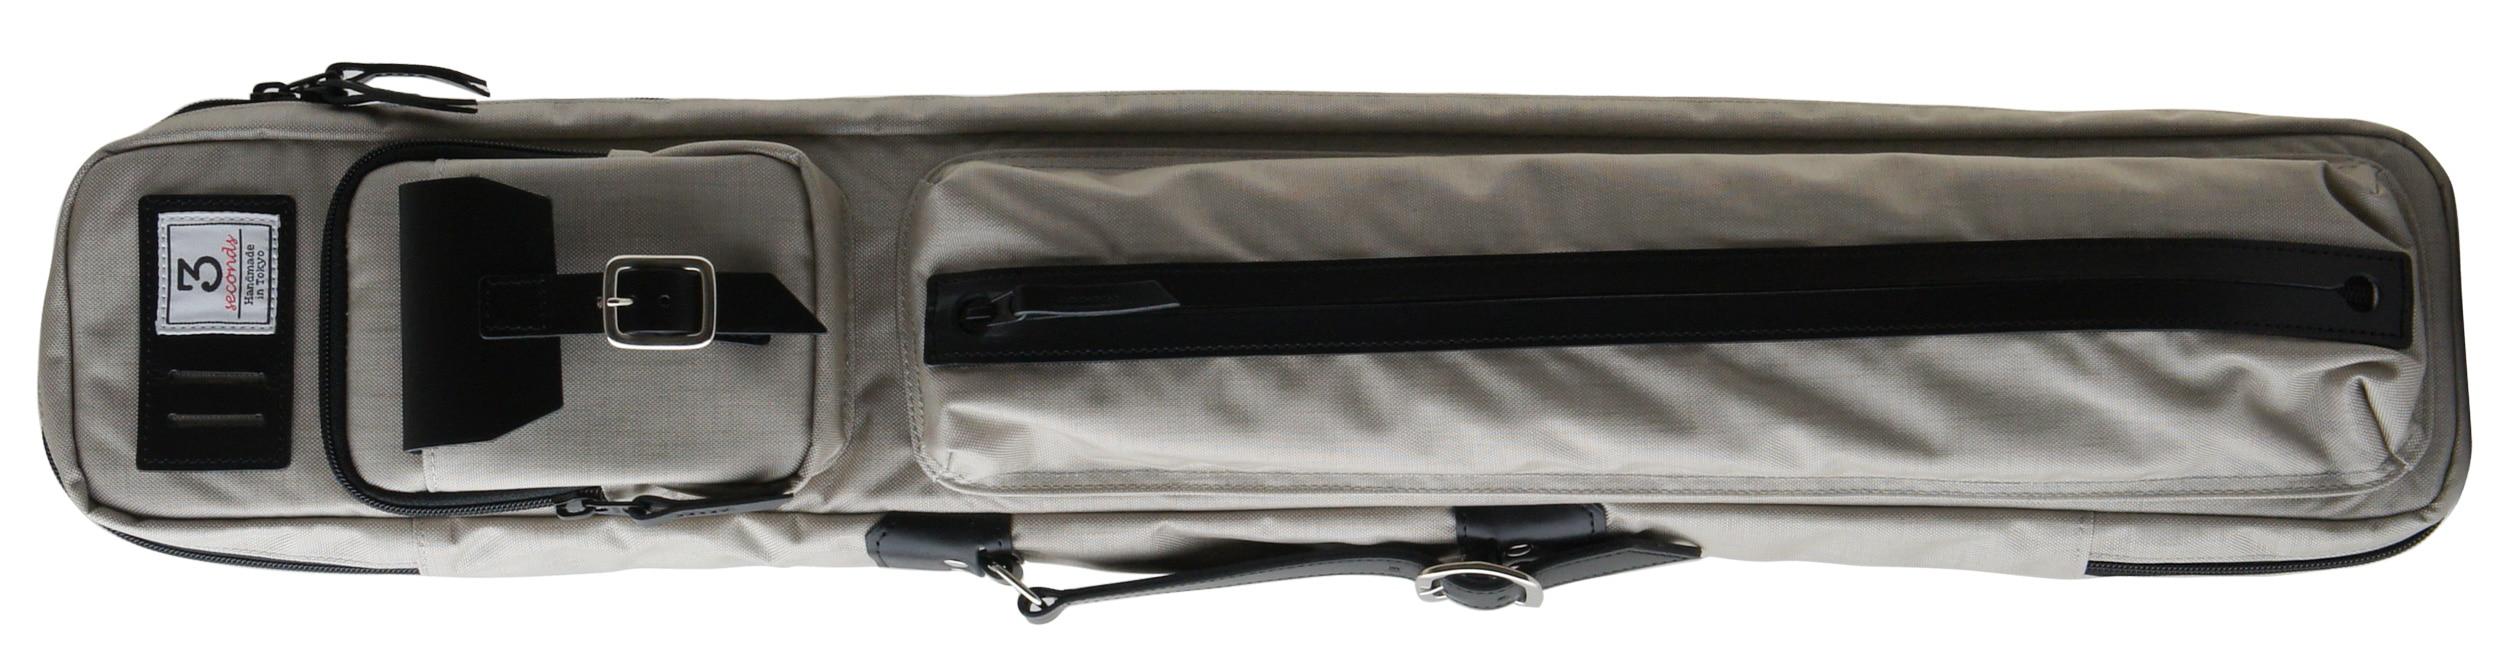 スリーセカンズ ケース グレー 3b4s (バット3本シャフト4本収納) 商品画像